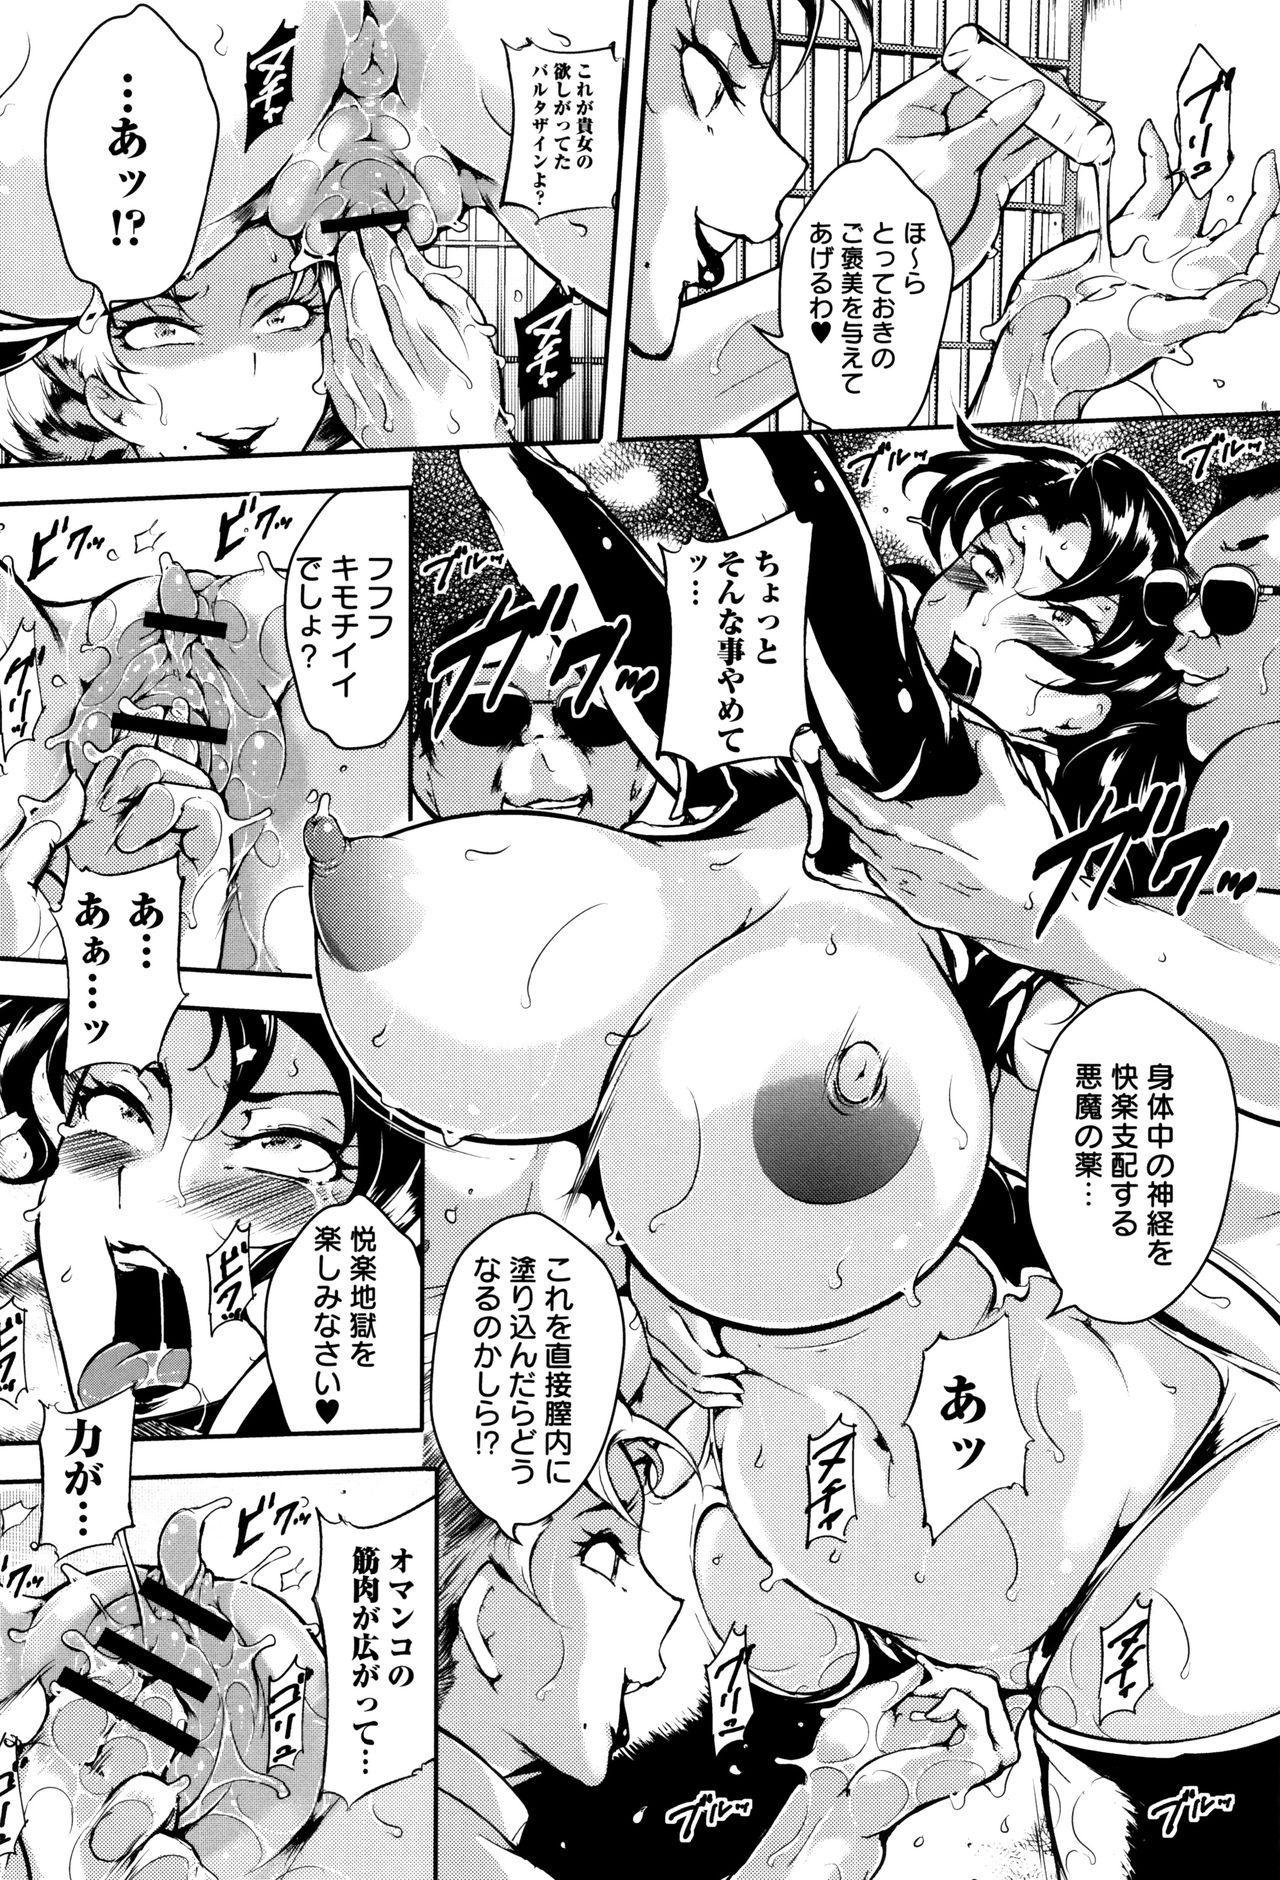 Ero BBA ♥ Dosukebe Ha Sengen 21